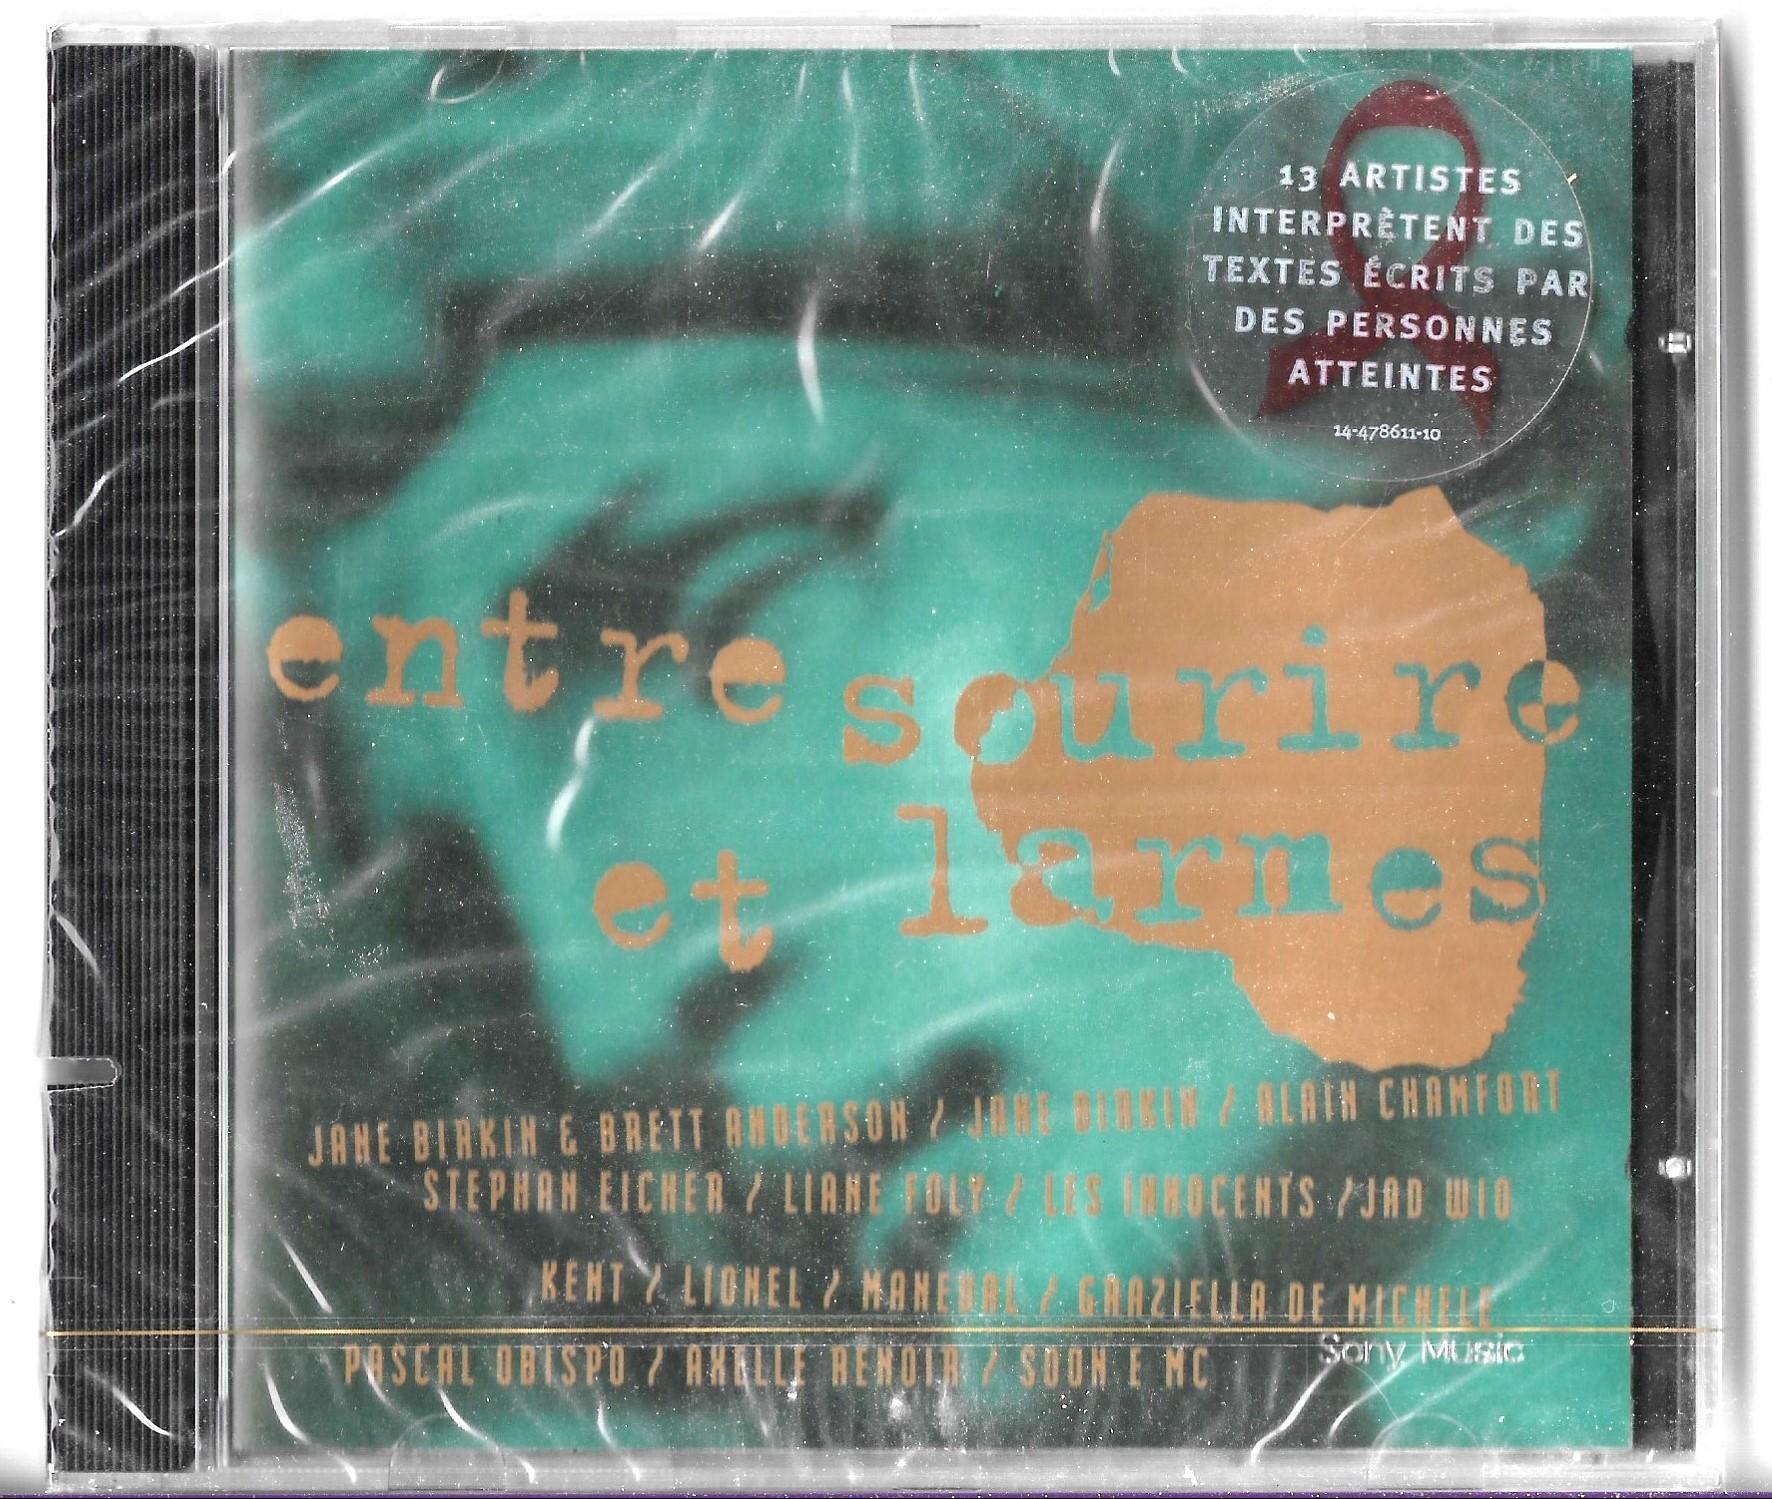 ALAIN CHAMFORT (+ AUTRES ENTRE SOURIRE ET LARMES) - Entre sourire et larmes Indedits de E. Eicher / J. Birkin / Obispo / Kent / Chamfort / L. Foly / Inn - CD